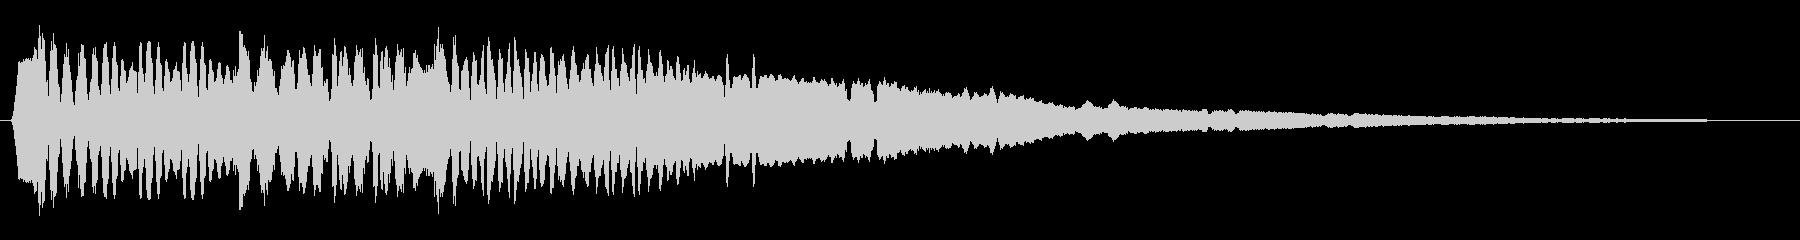 何かが涌き出るような音の未再生の波形